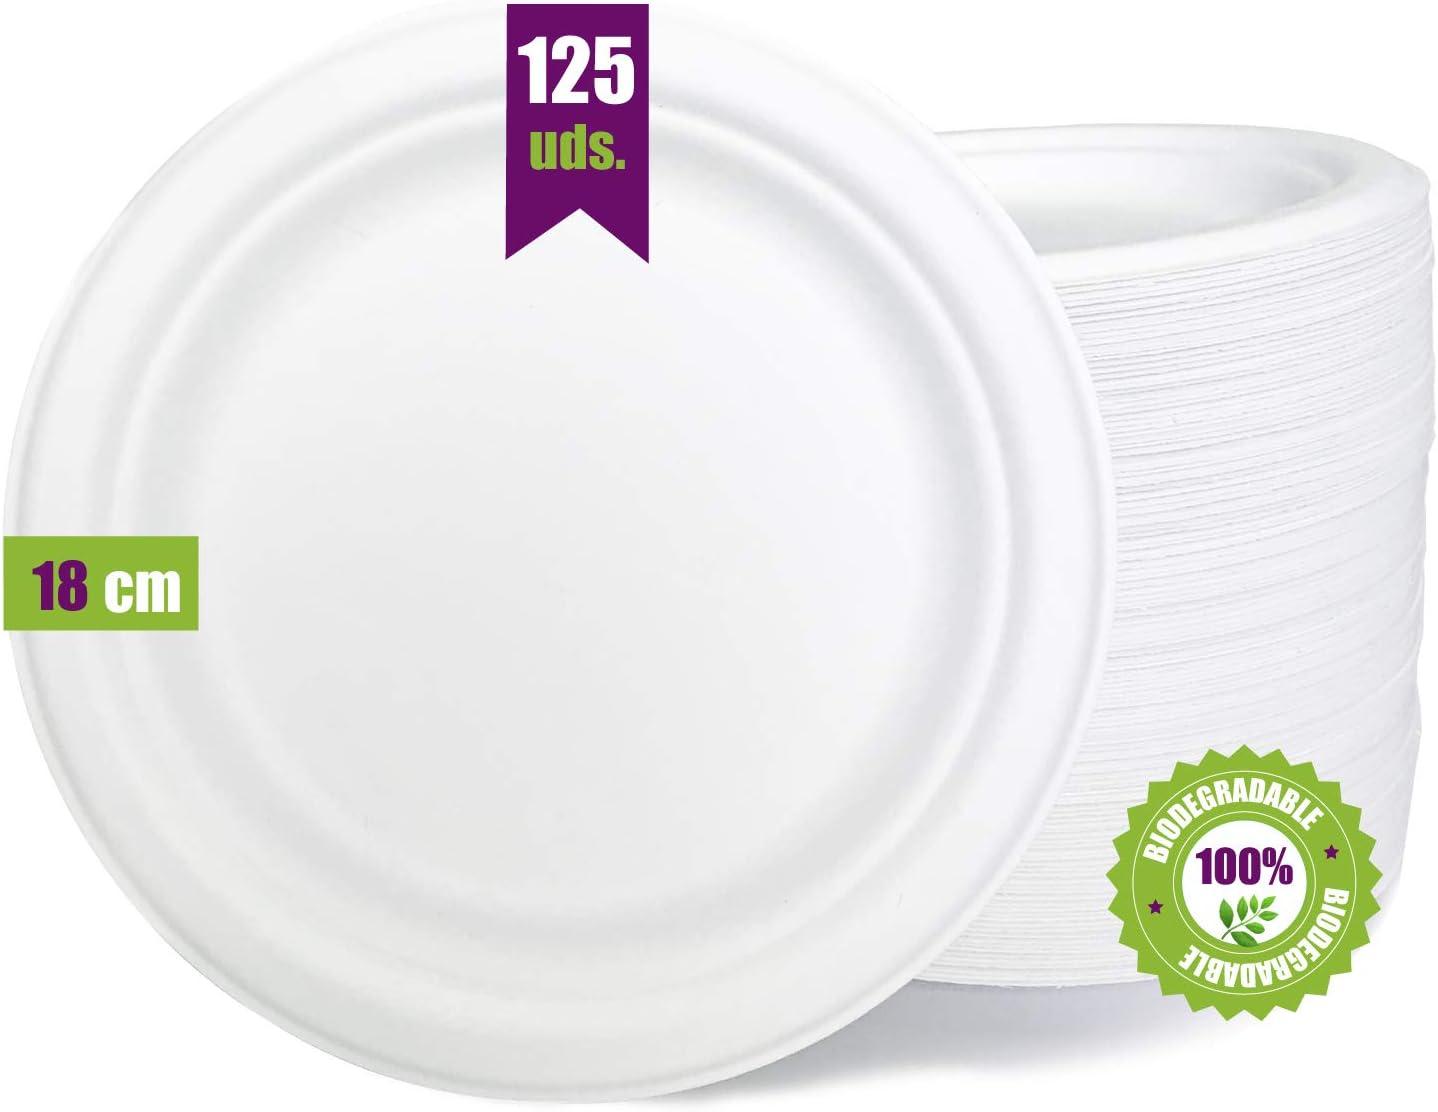 GoBeTree 125 Platos Desechables biodegradables de Papel de caña de azúcar de Ø18 cm. Vajilla desechable extrafuertes de Color Blanco. para Fiestas y picnics. Platos Redondos de bagazo.